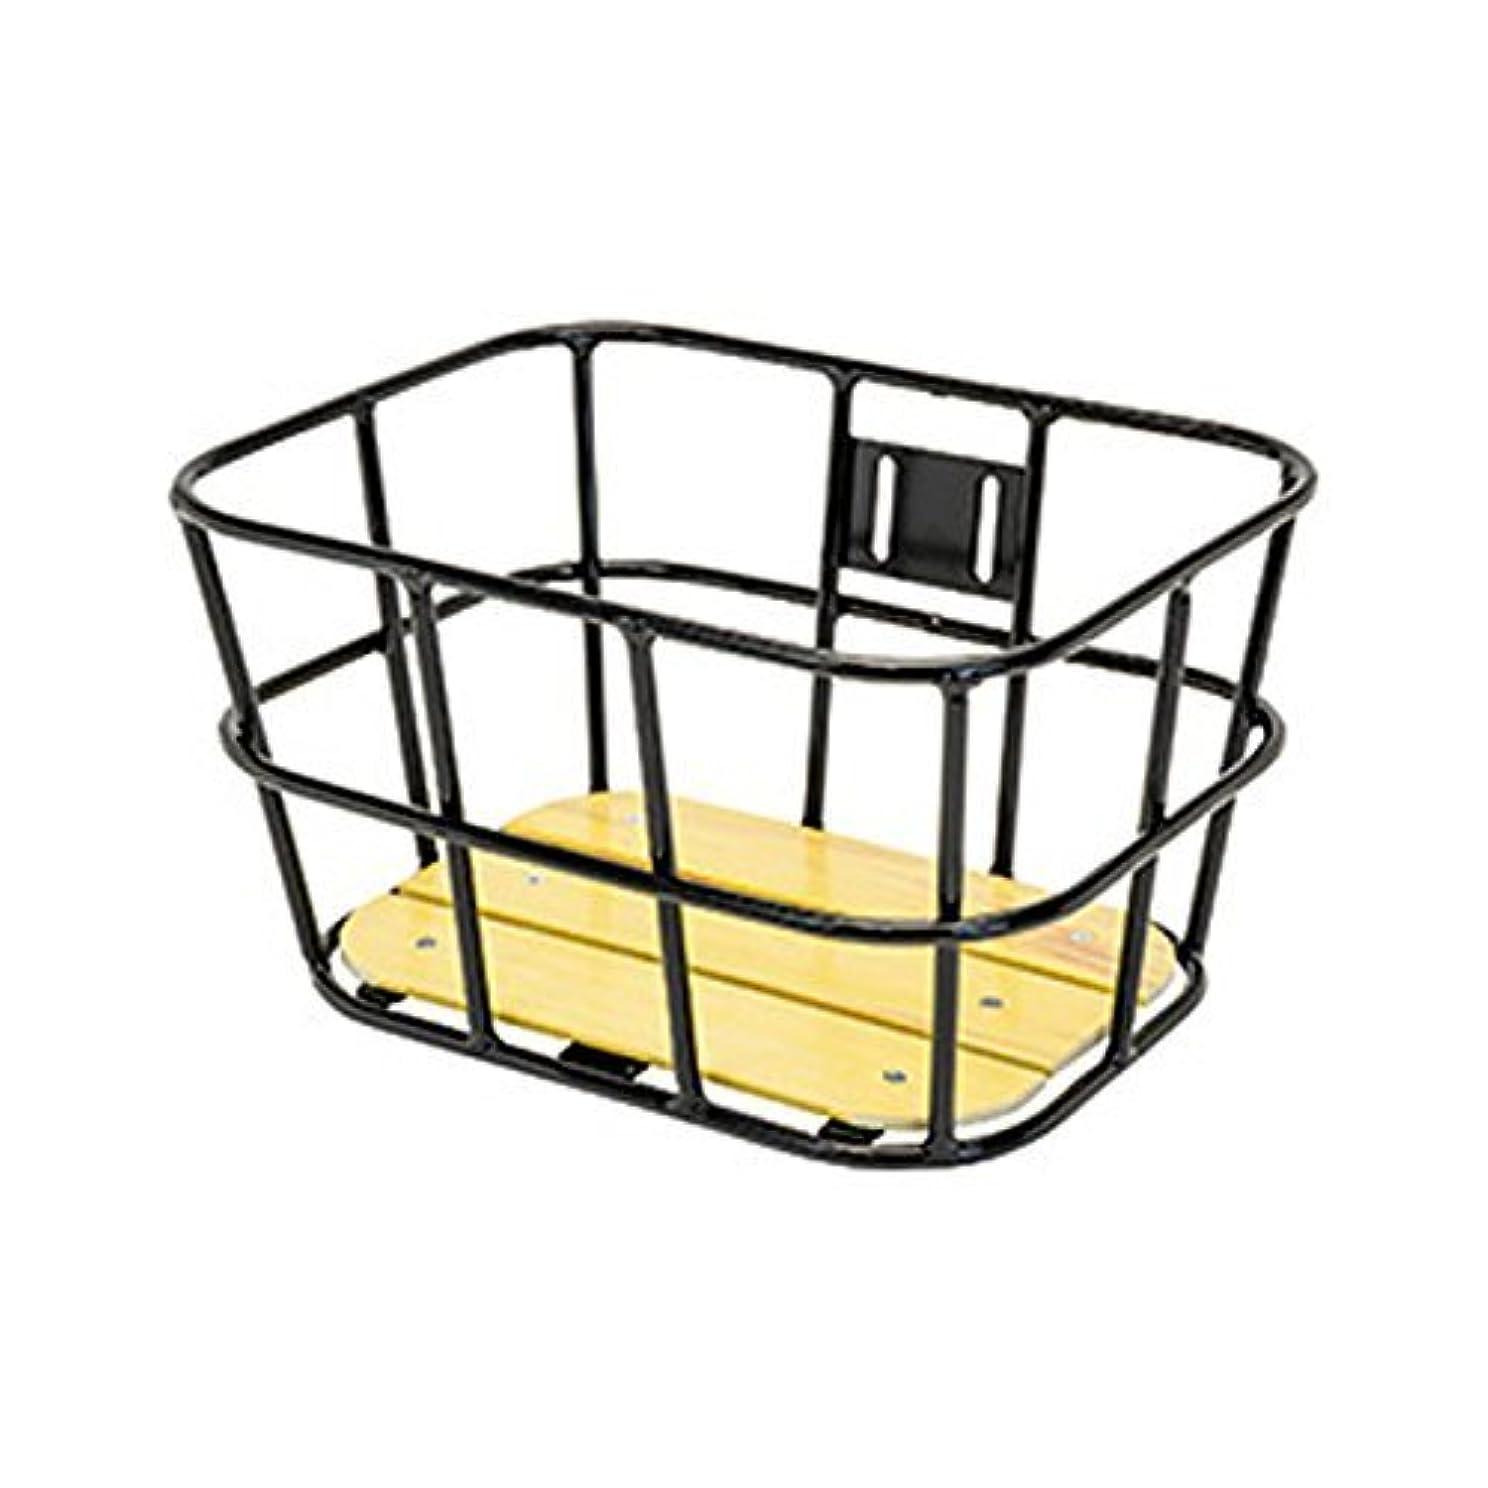 磁気テーマ相手(GIZAPRODUCTS/ギザプロダクツ)(自転車用かご)AL-N04 ウッド ボトム バスケット ブラック